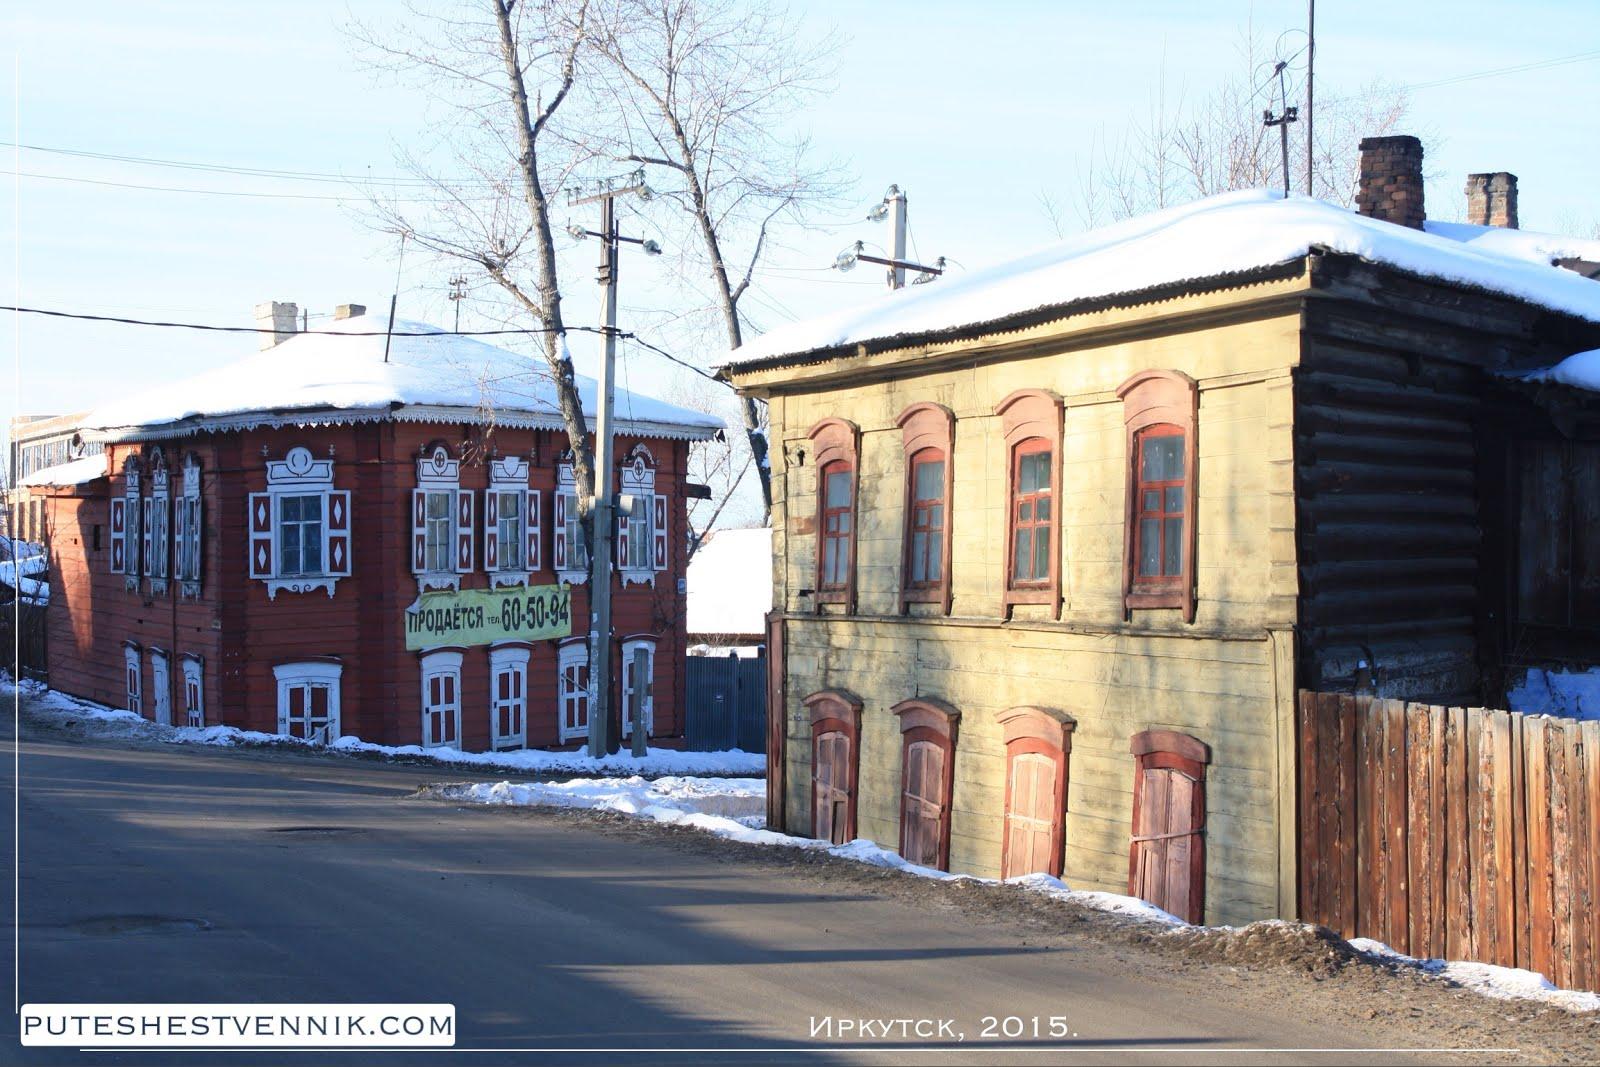 Улица со старыми деревянными домами